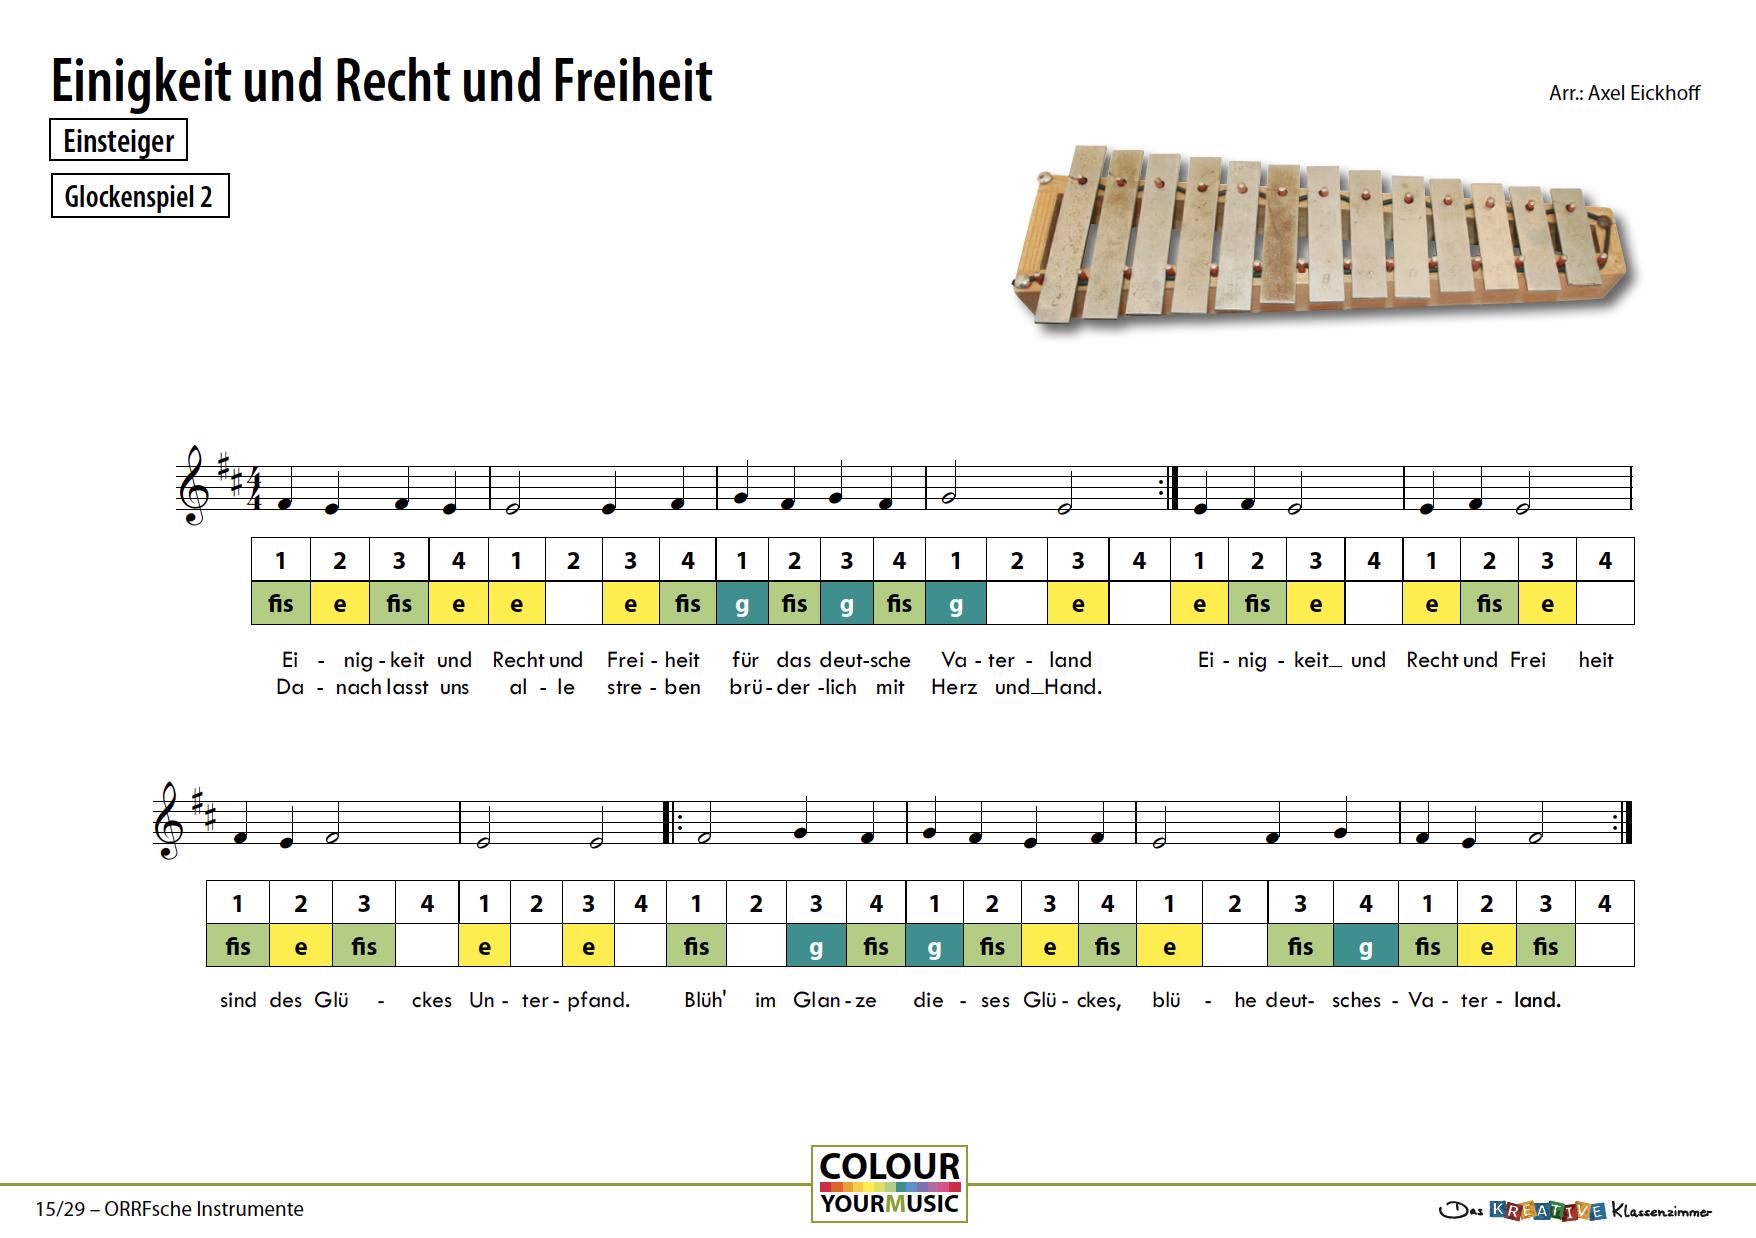 Einigkeit und Recht und Freiheit - Deutsche Nationalhymne - Orff